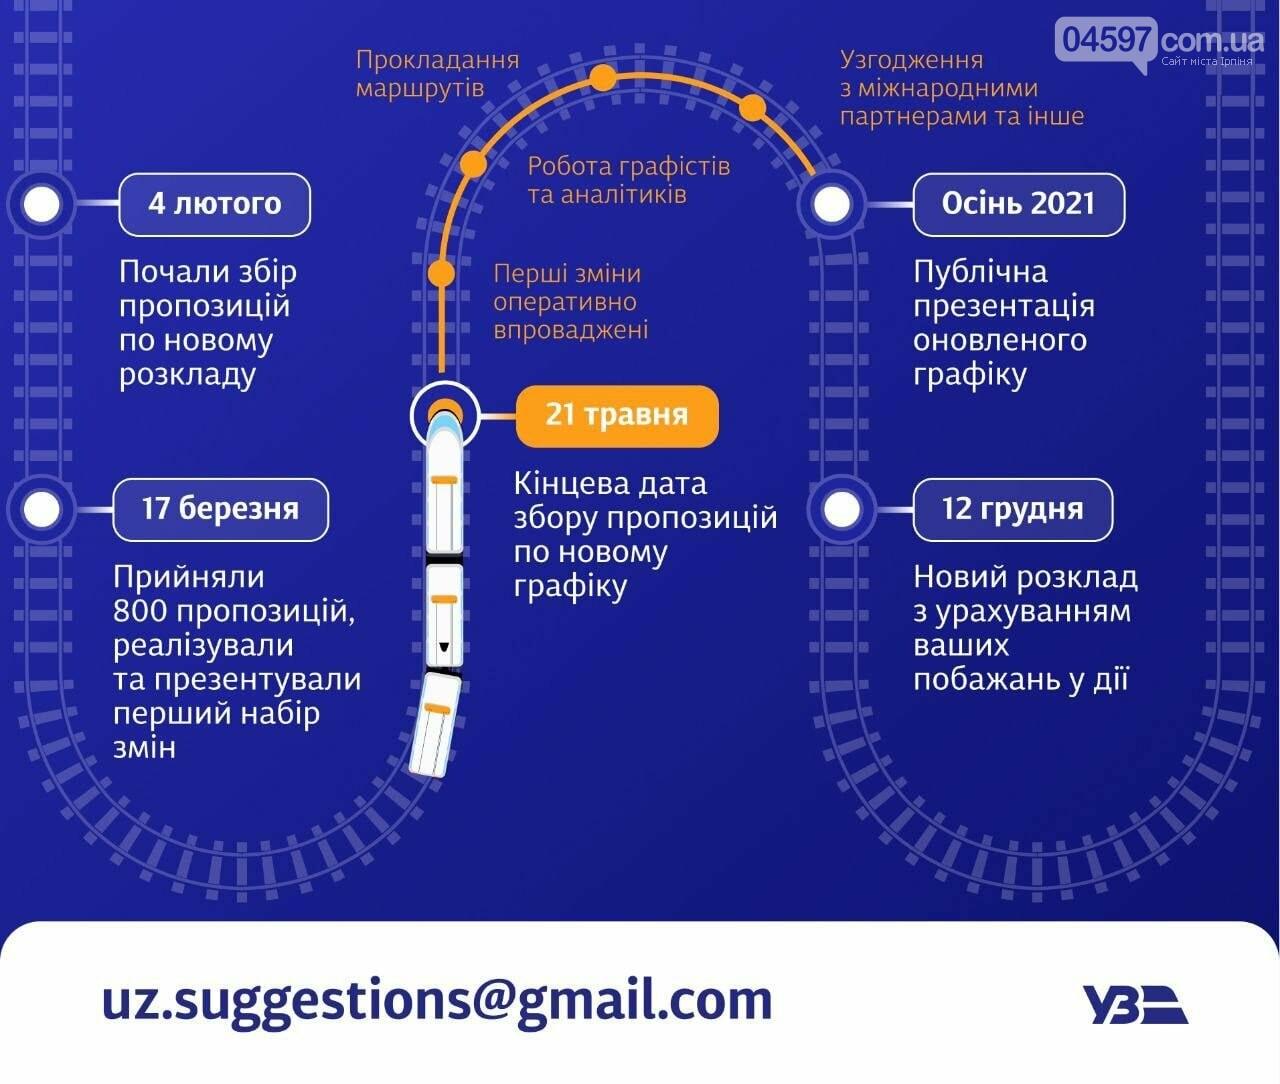 Укрзалізниця запрошує бажаючих сформувати новий графік руху поїздів